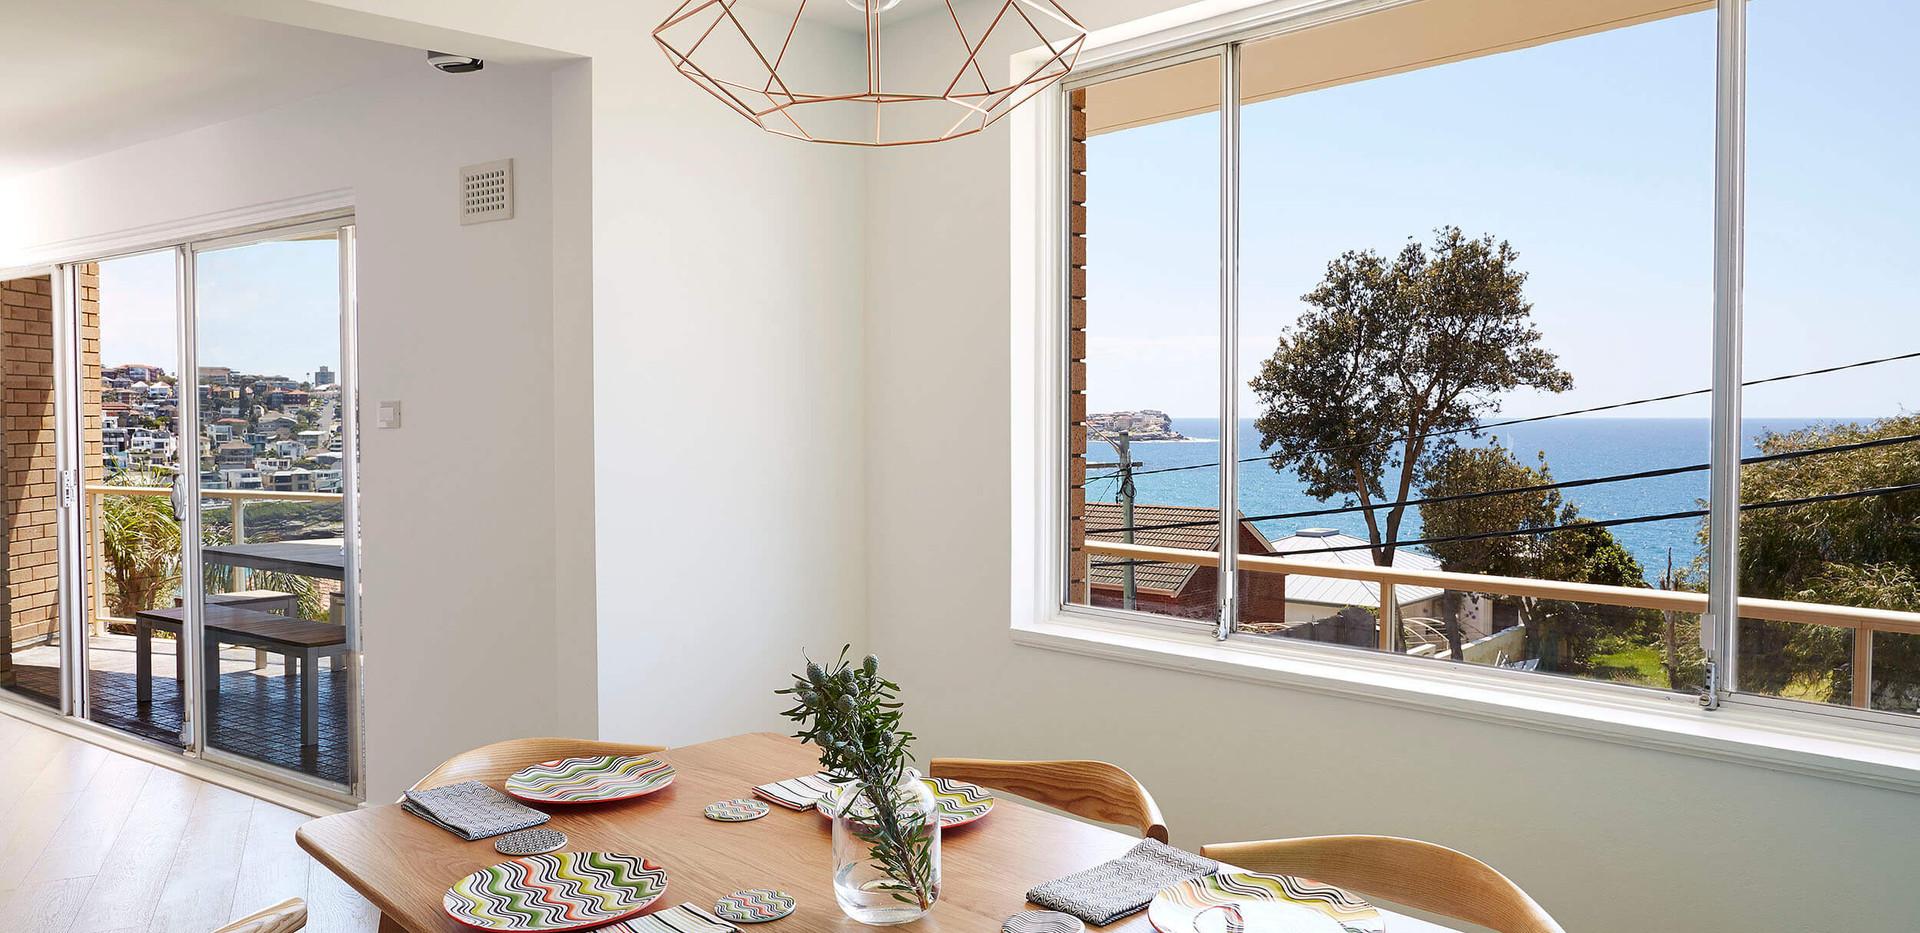 Bronte Seaside Apartment - Cradle residential apartment design - Dining room